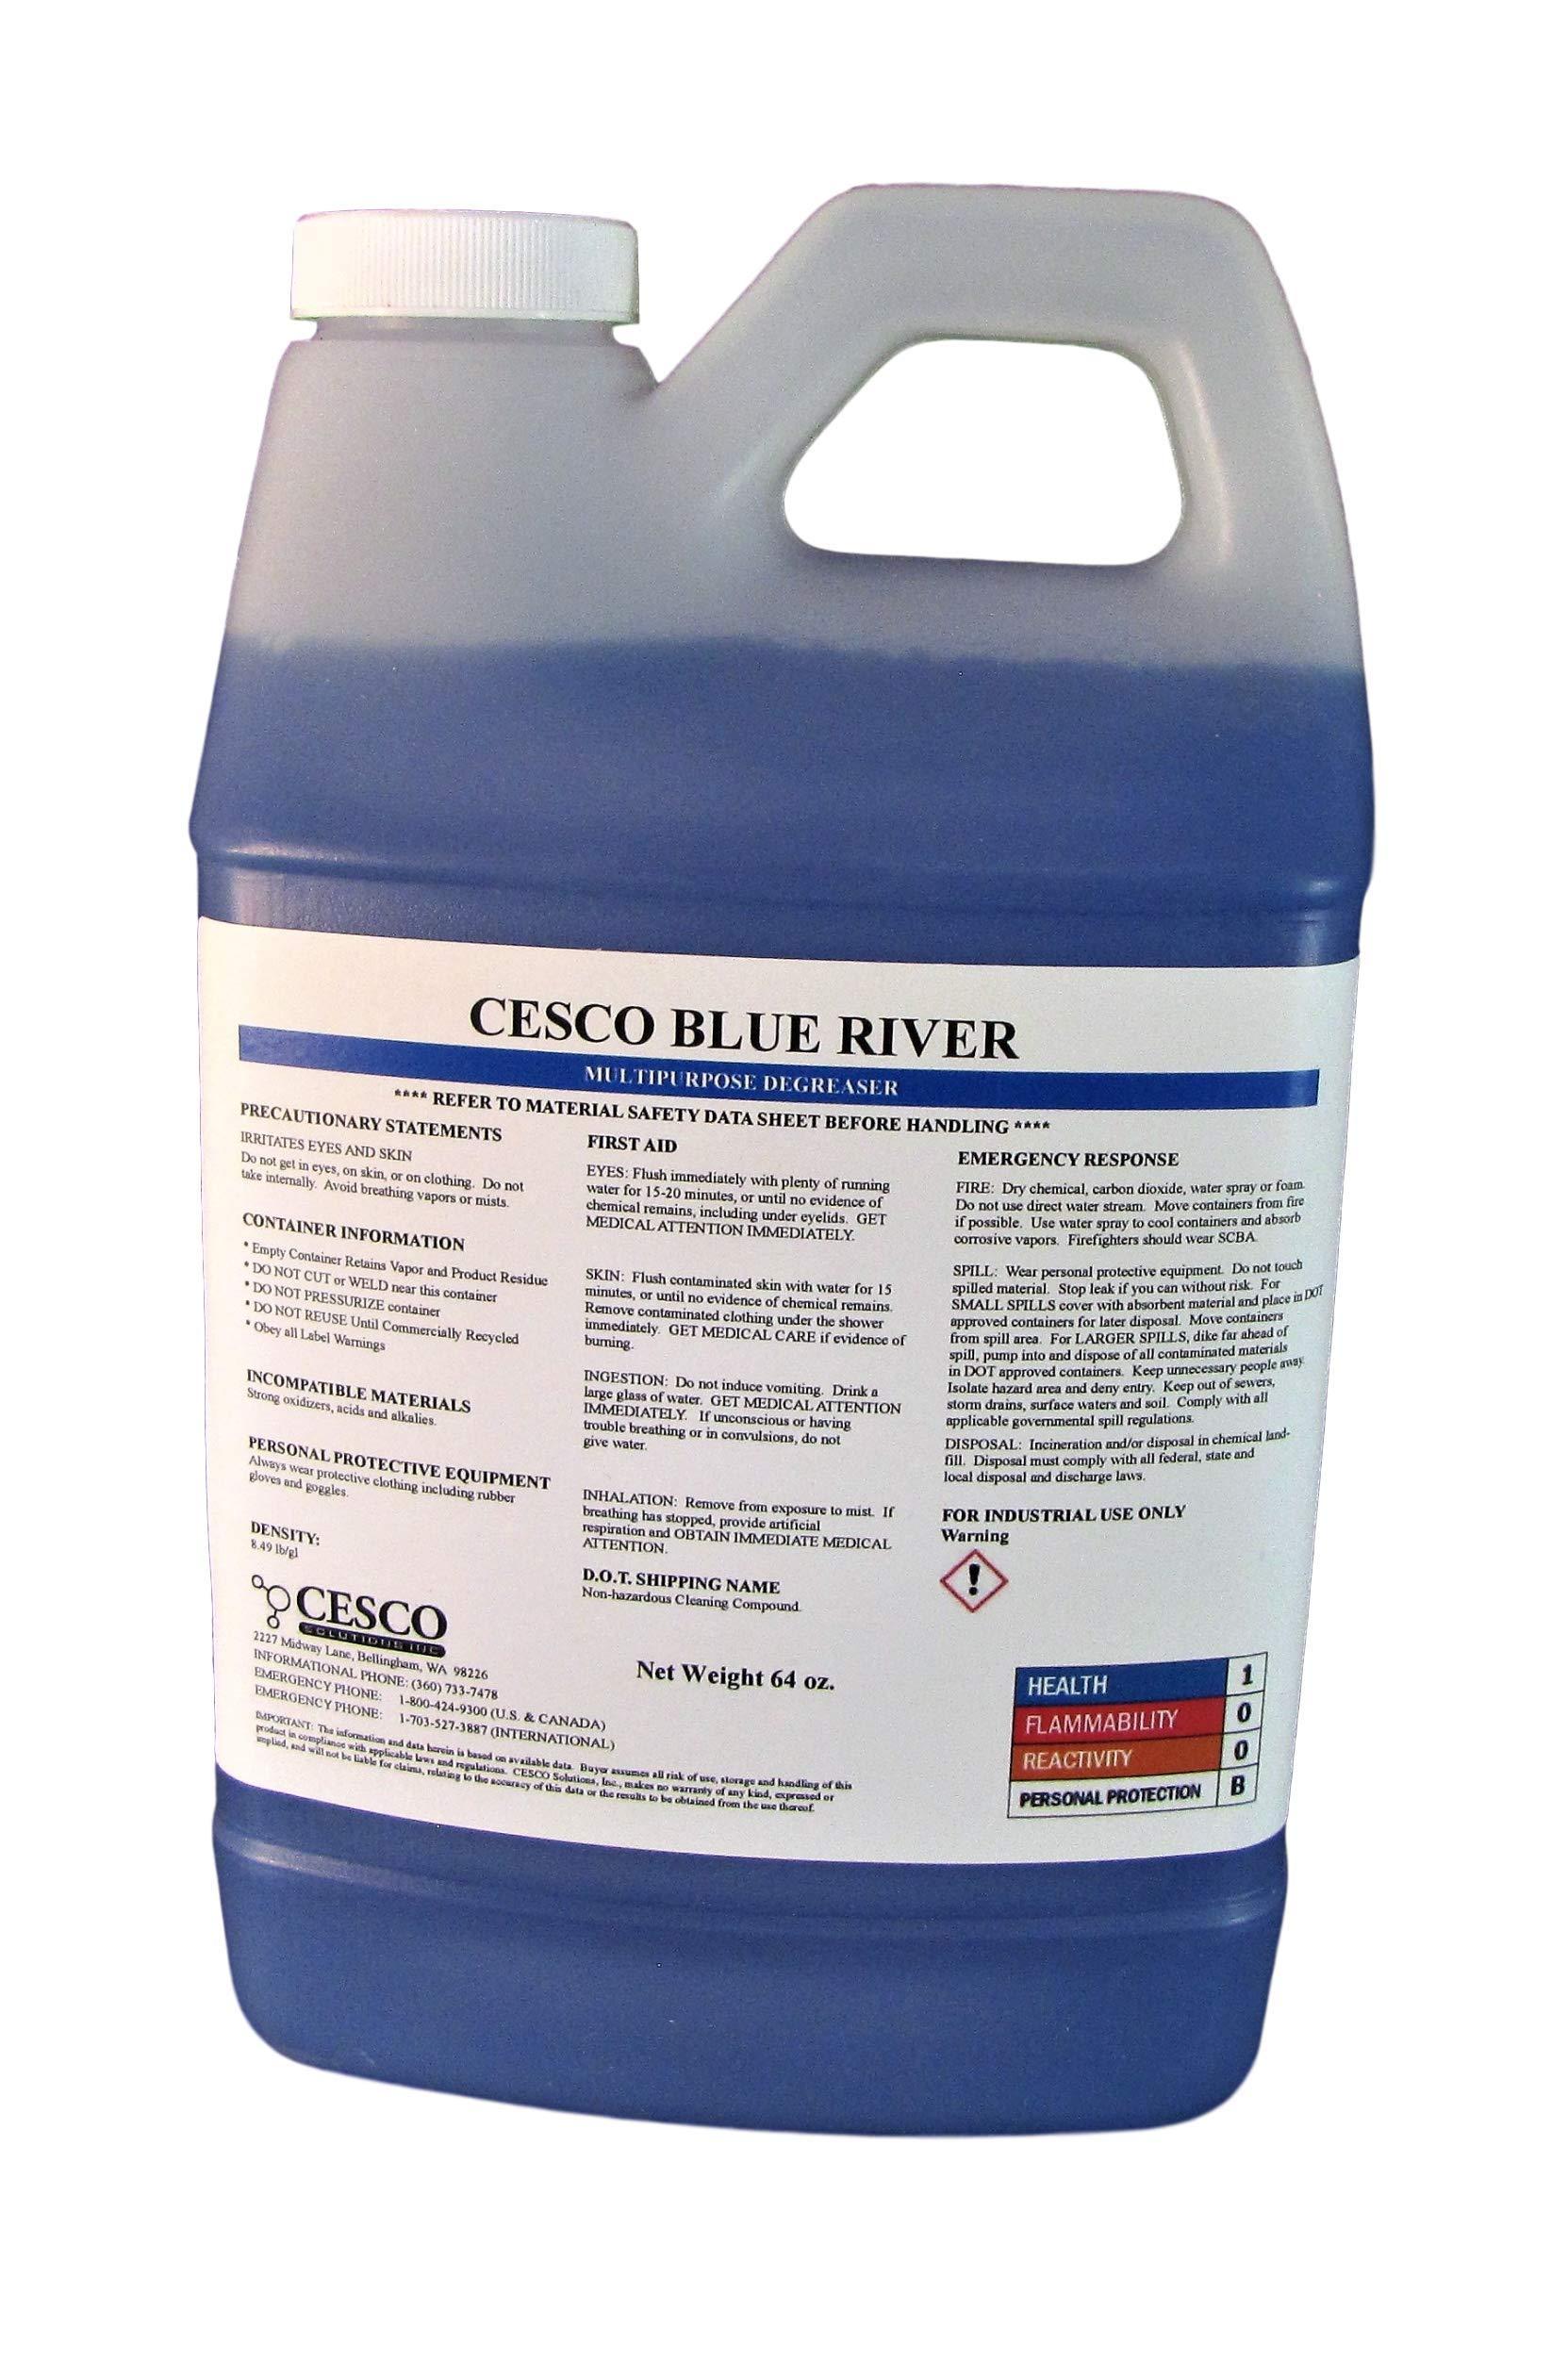 Cesco Blue River Heavy-Duty Cleaner/Degreaser - 64 Oz